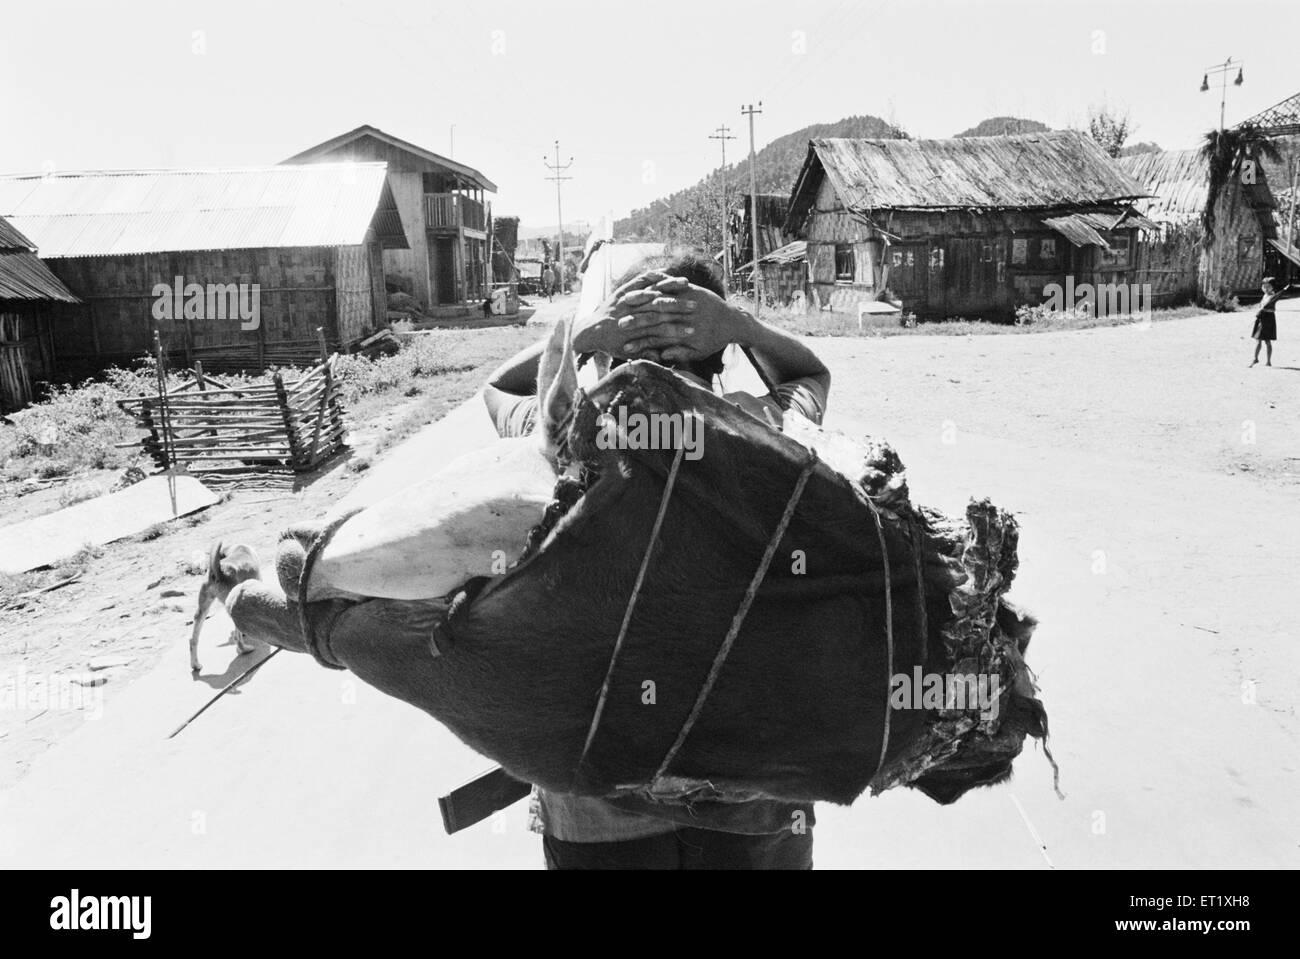 Uomo che trasportano carichi ; Kameng ; Arunachal Pradesh ; India 1982 Immagini Stock